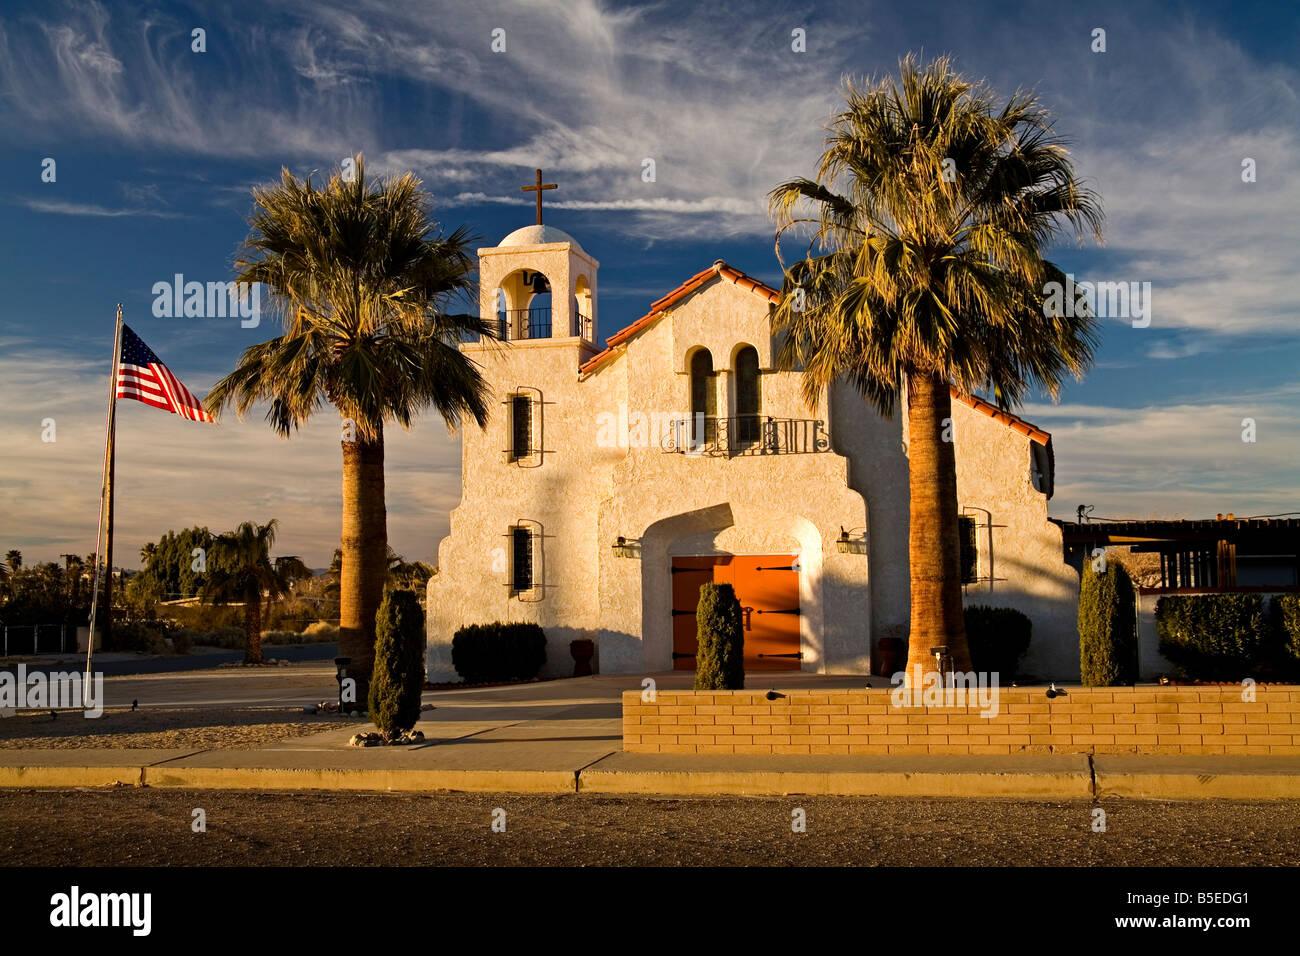 Allerheiligsten katholische Kirche, 29 Palms City, Kalifornien, USA, Nordamerika Stockbild